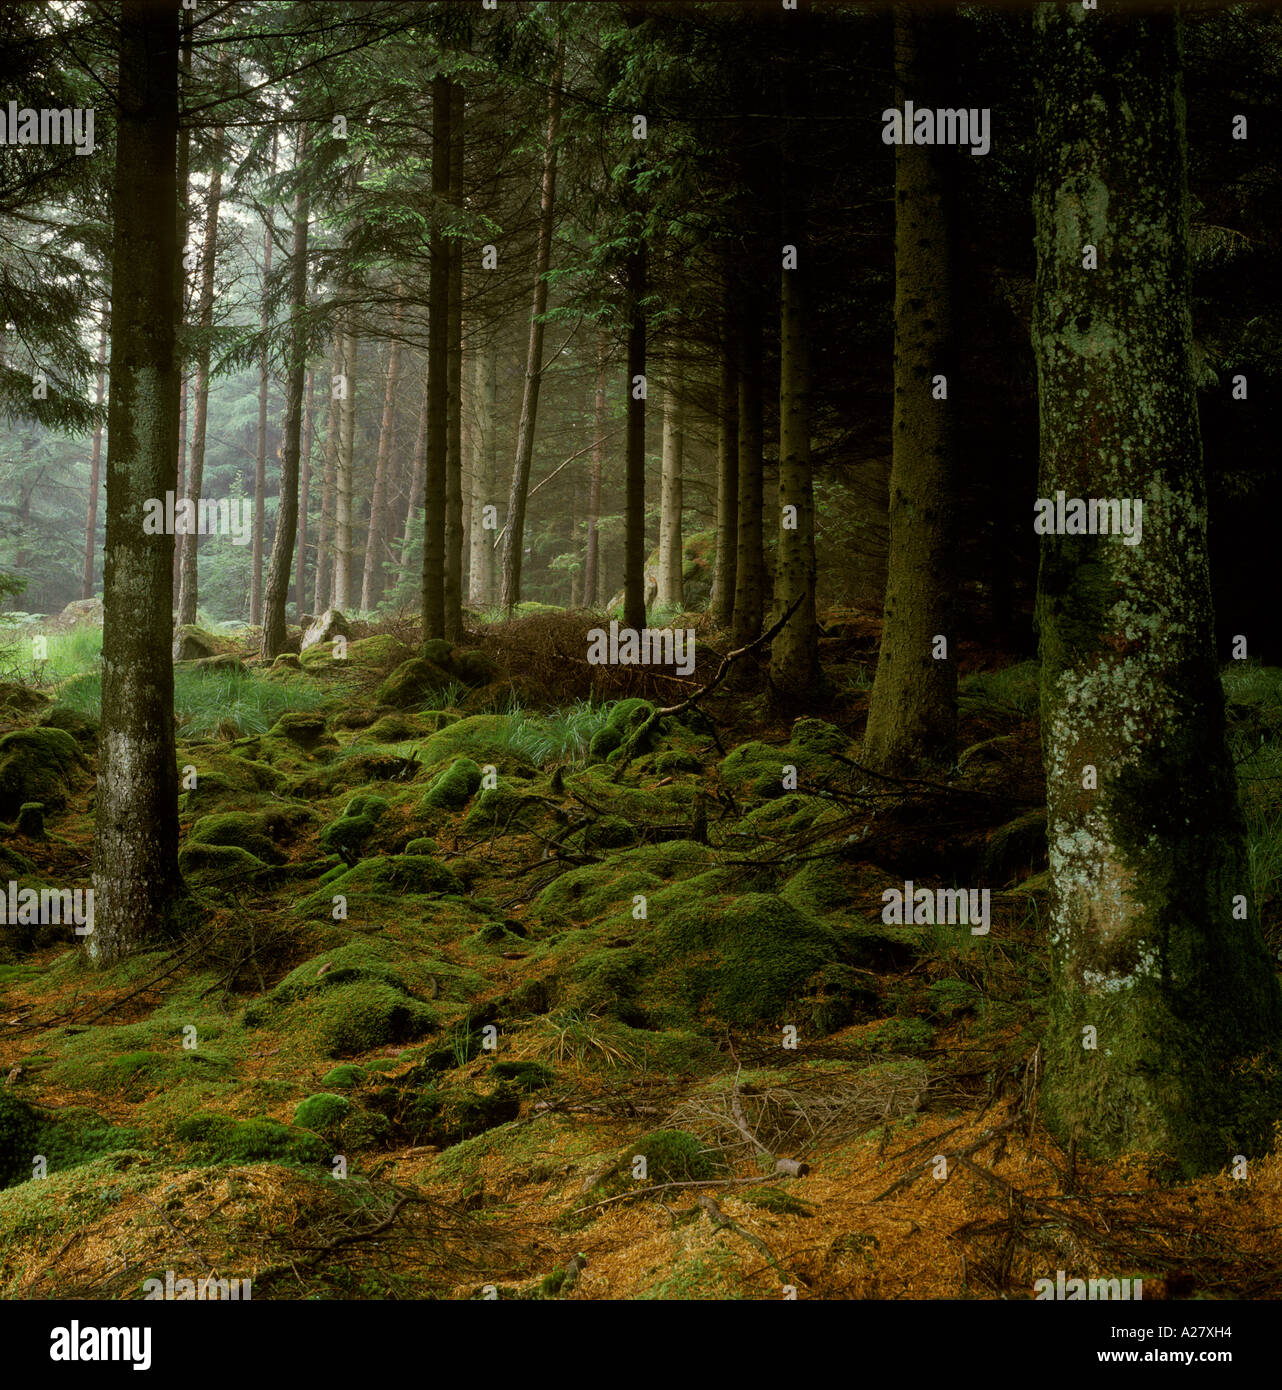 Moos bedeckte Felsen im schottischen Wald Stockbild